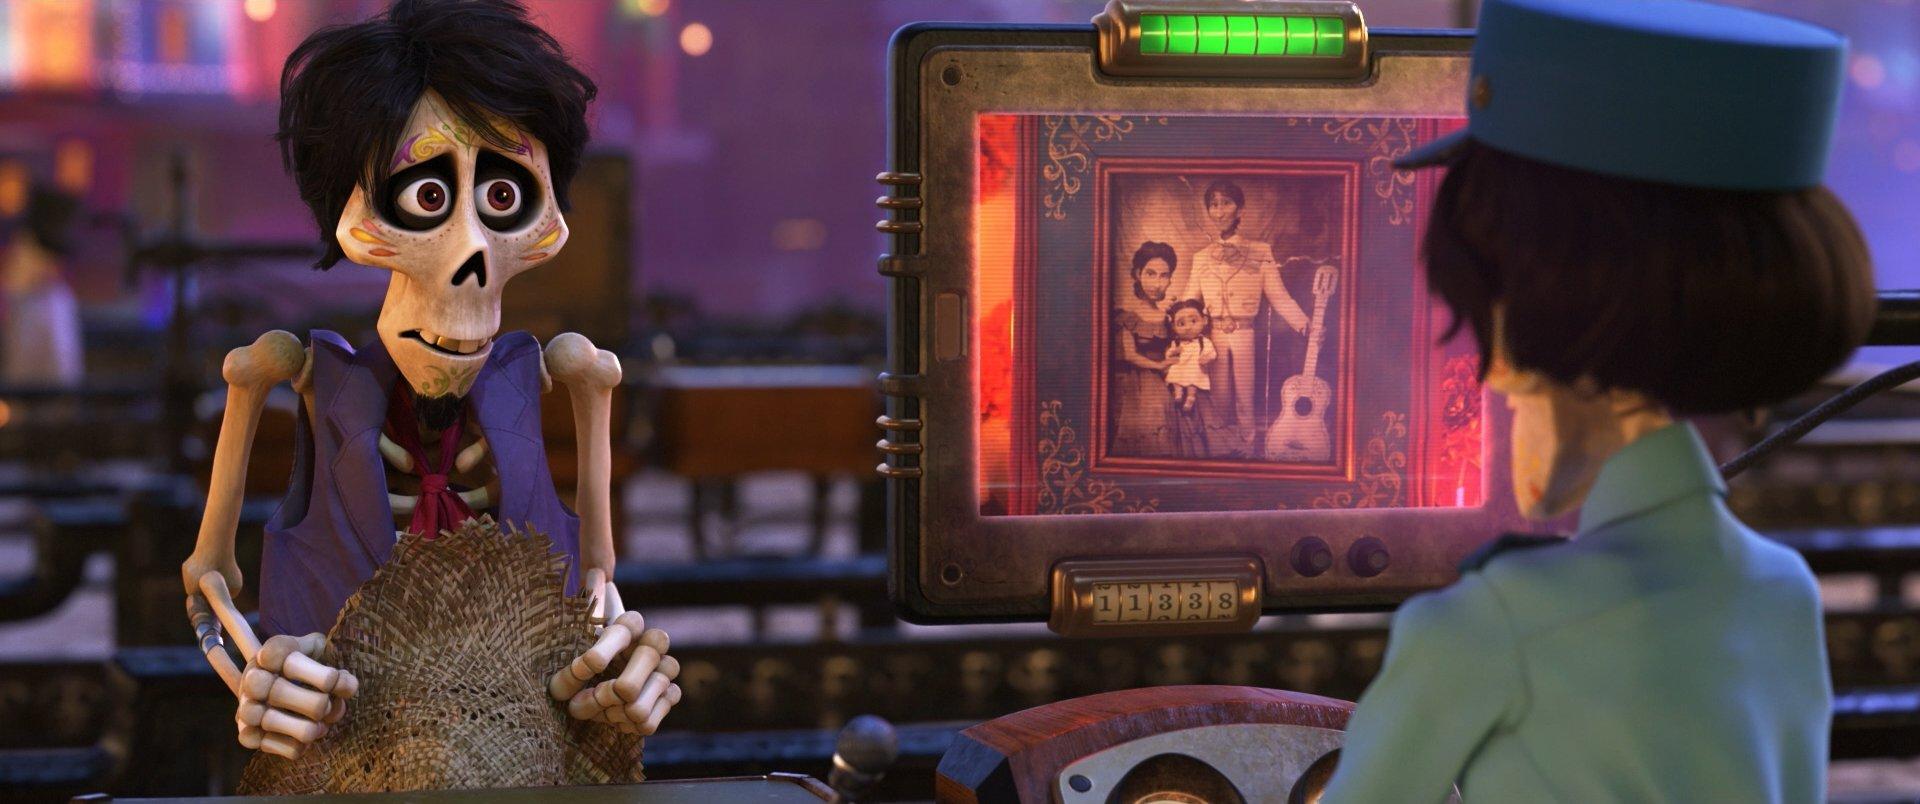 『リメンバー・ミー』あの世の写真認証システム